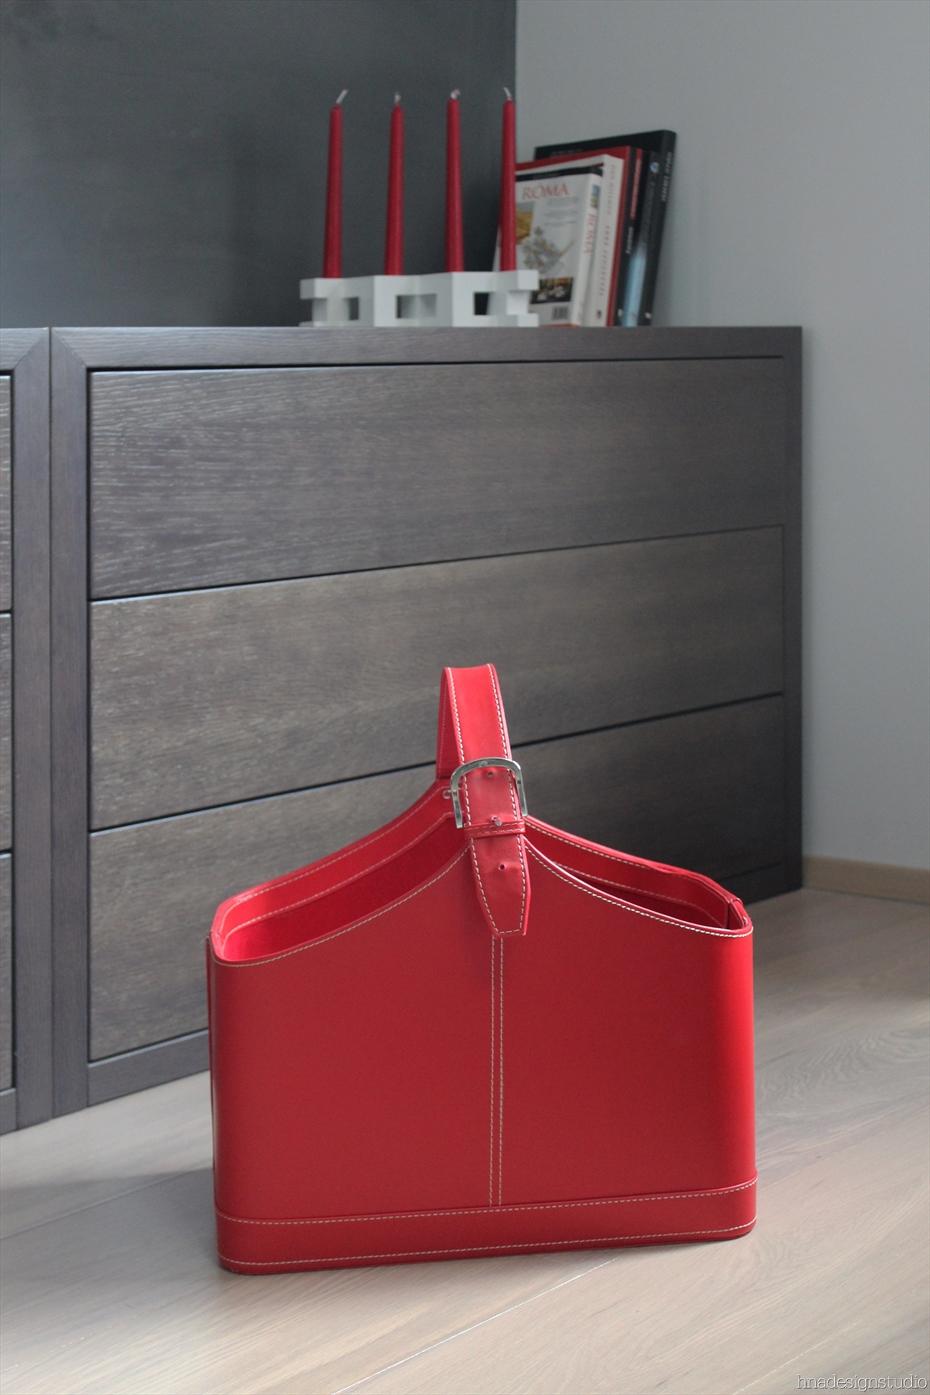 hna design piros 11